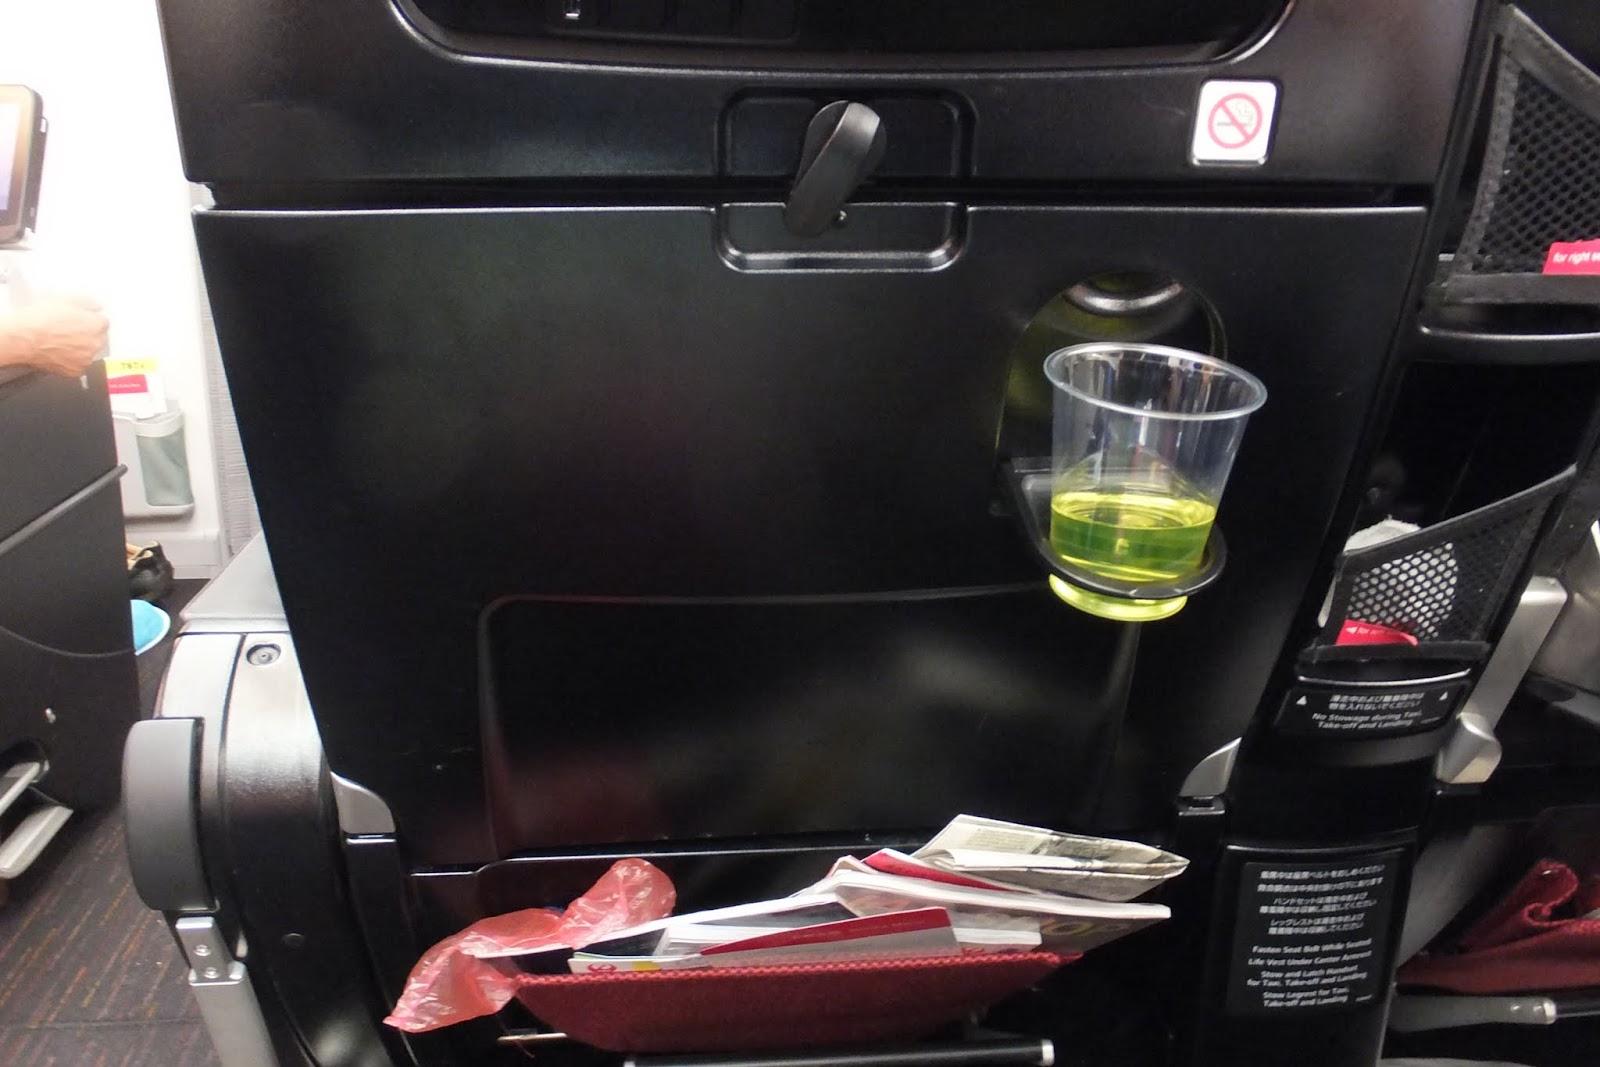 jal-premium-economy-seat JALスカイプレミアムシート